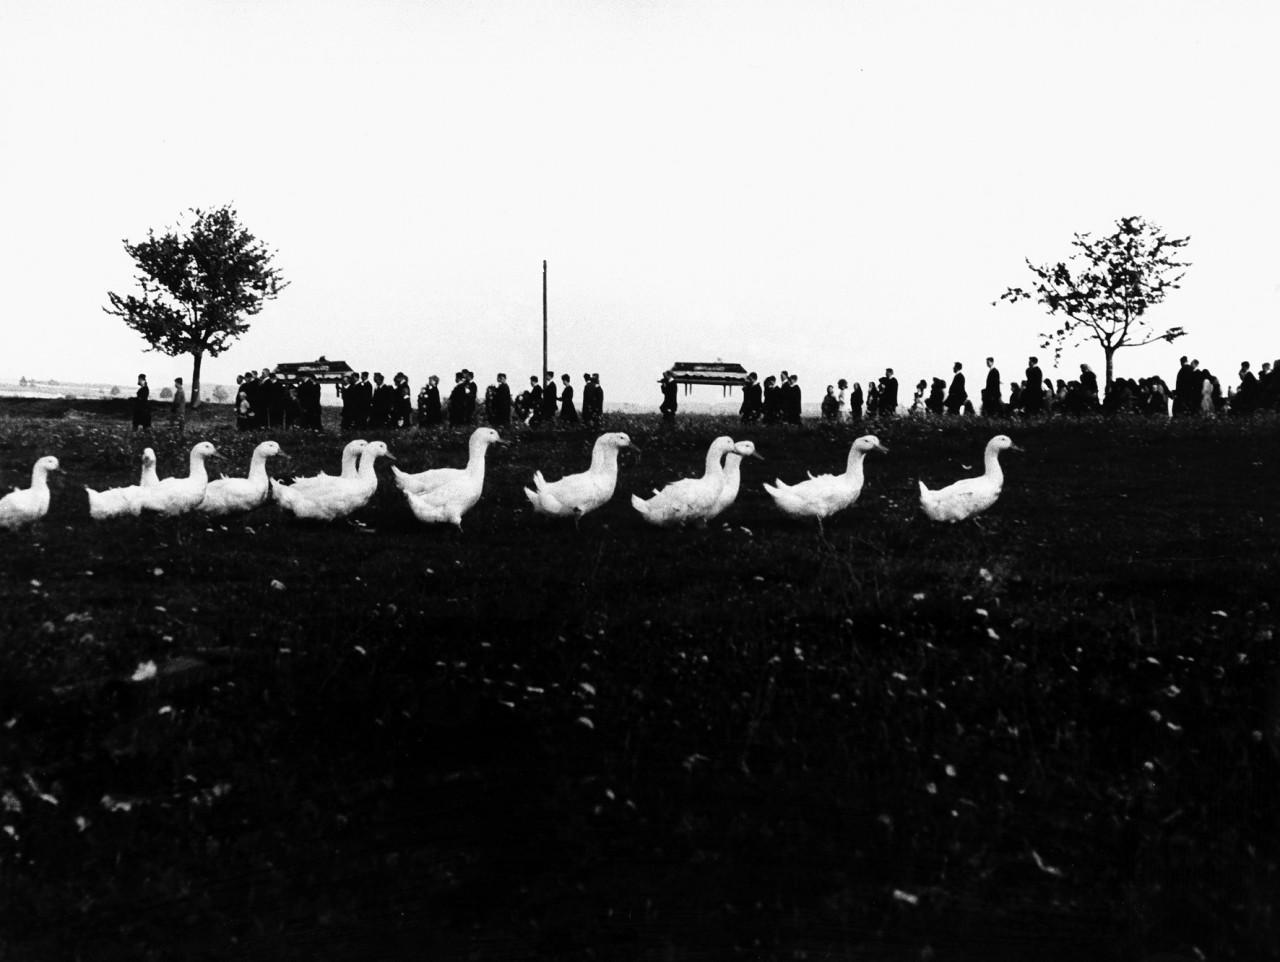 Похороны и утки, Течанов, Чехия, 1965. Йиндржих Штрейт